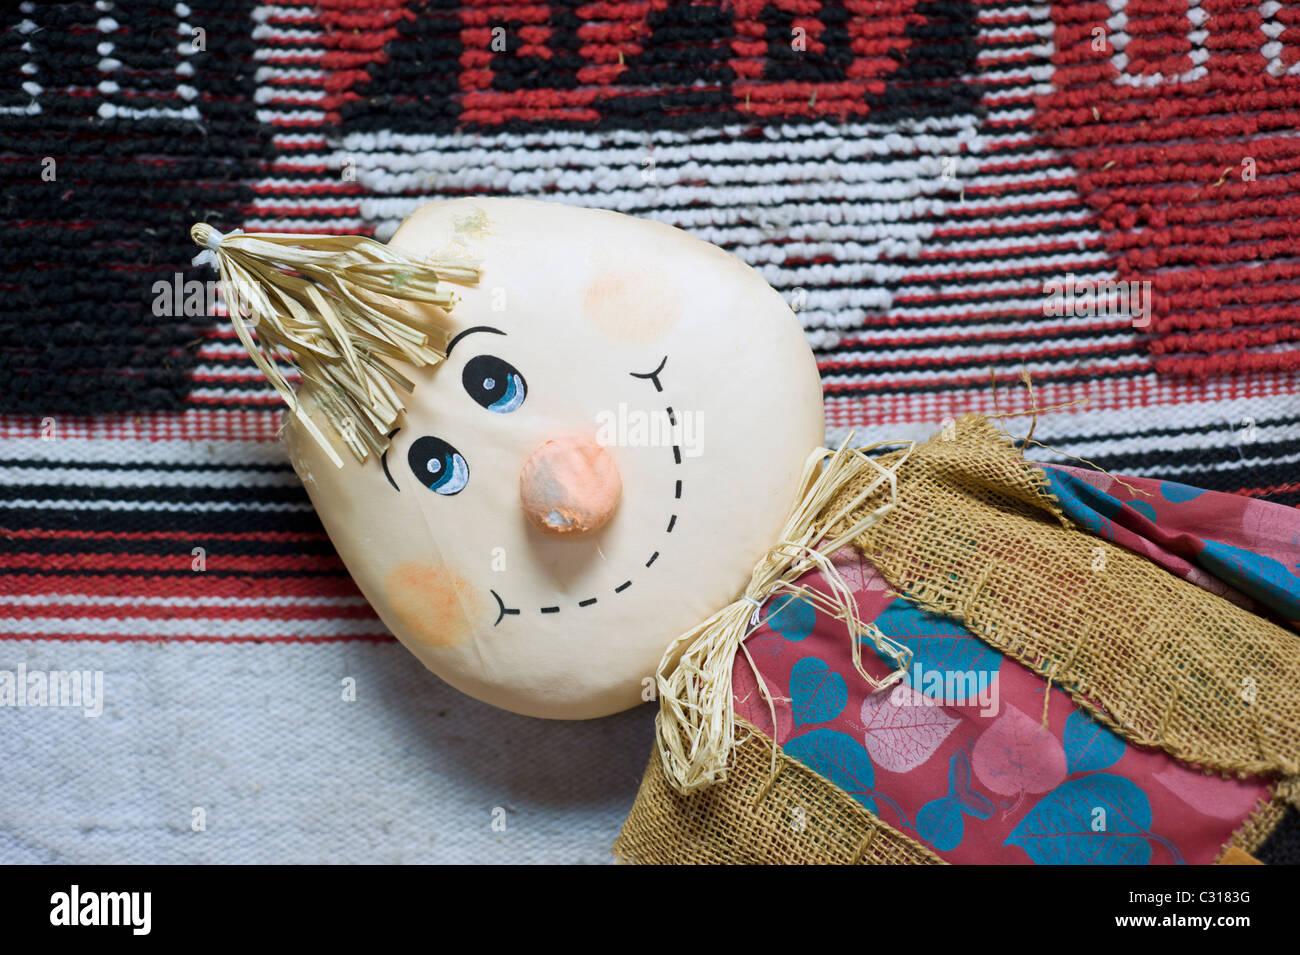 Una bambola giocattolo a sorridere di fronte a un Indiano blanket, Nuovo Messico. Immagini Stock